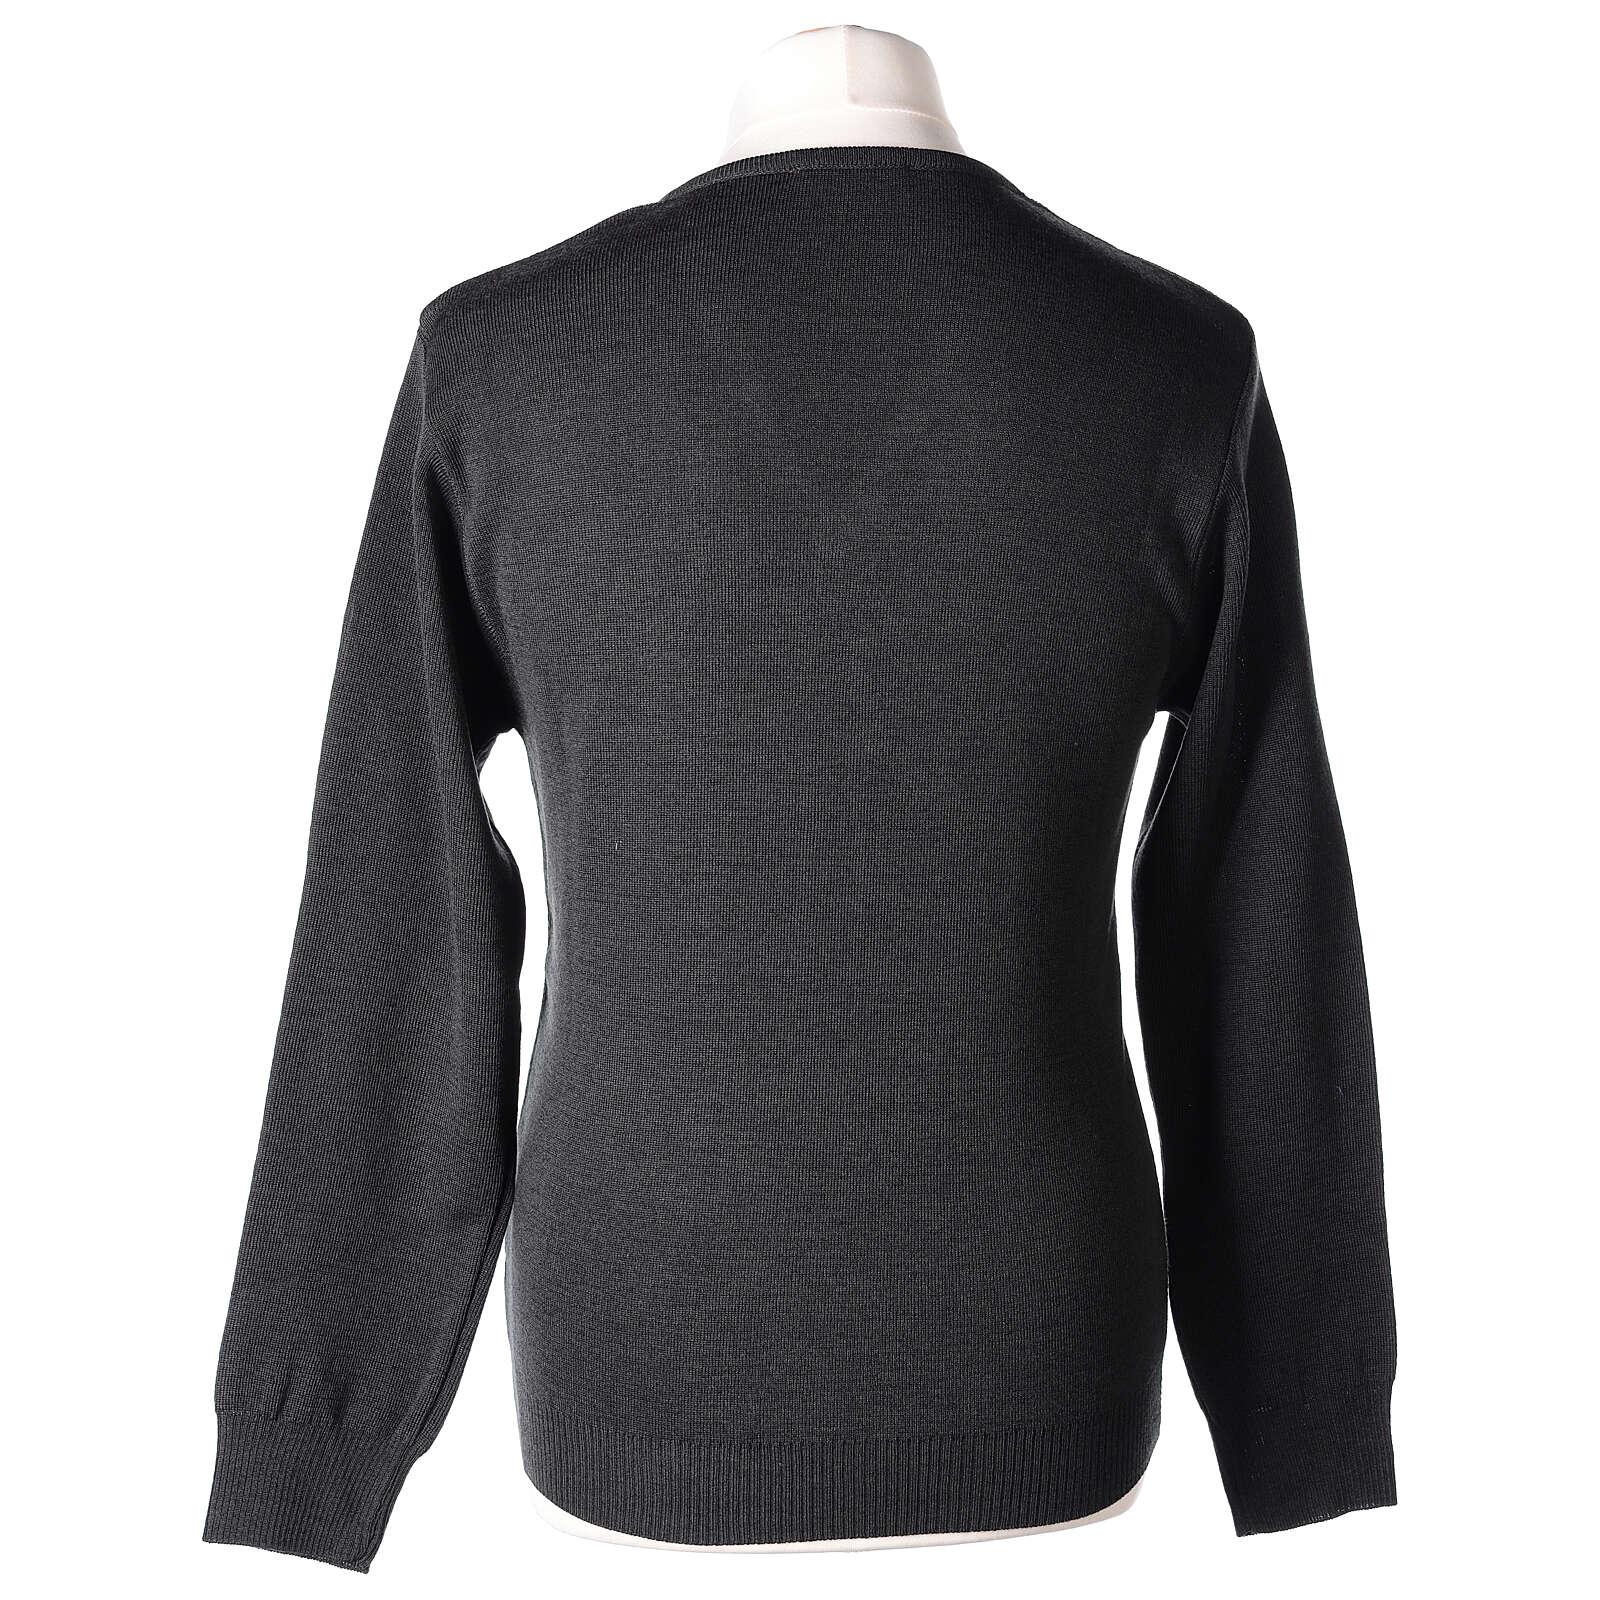 Pulôver sacerdote decote em V antracite tricô plano 50% lã de merino 50% acrílico In Primis 4